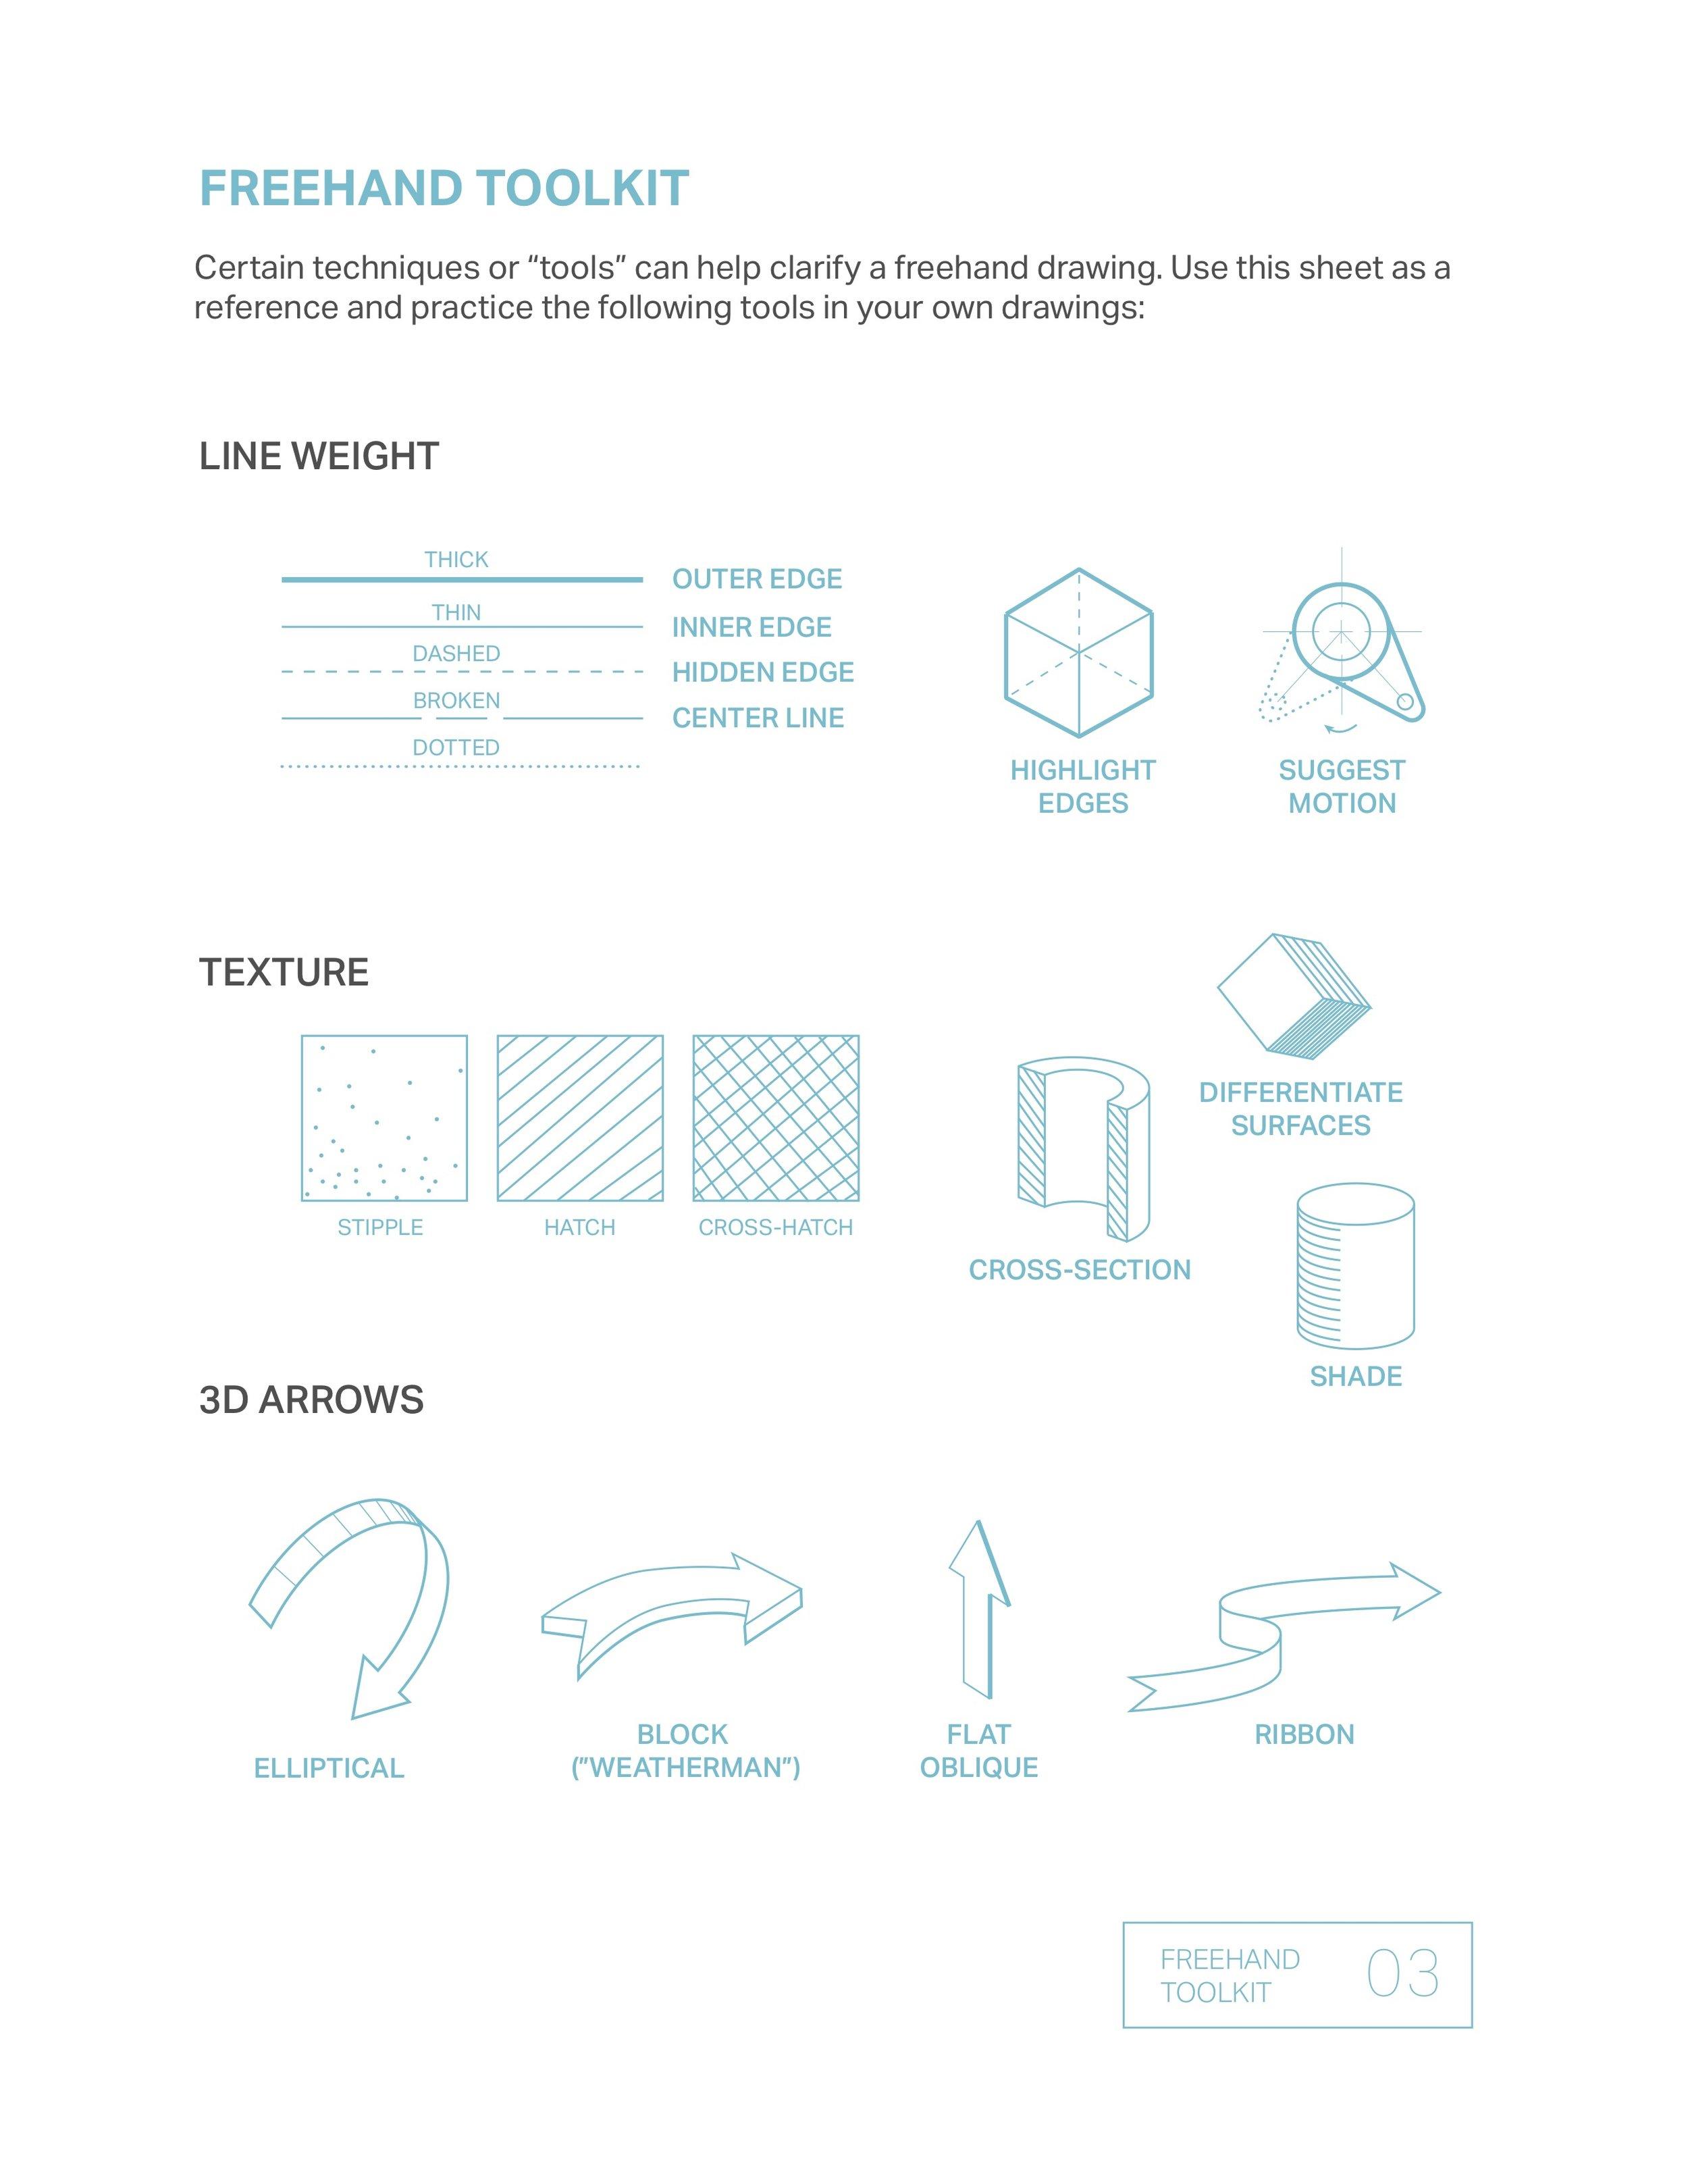 DrawingWorkshop_Workbook_07312015 (1)11.jpg